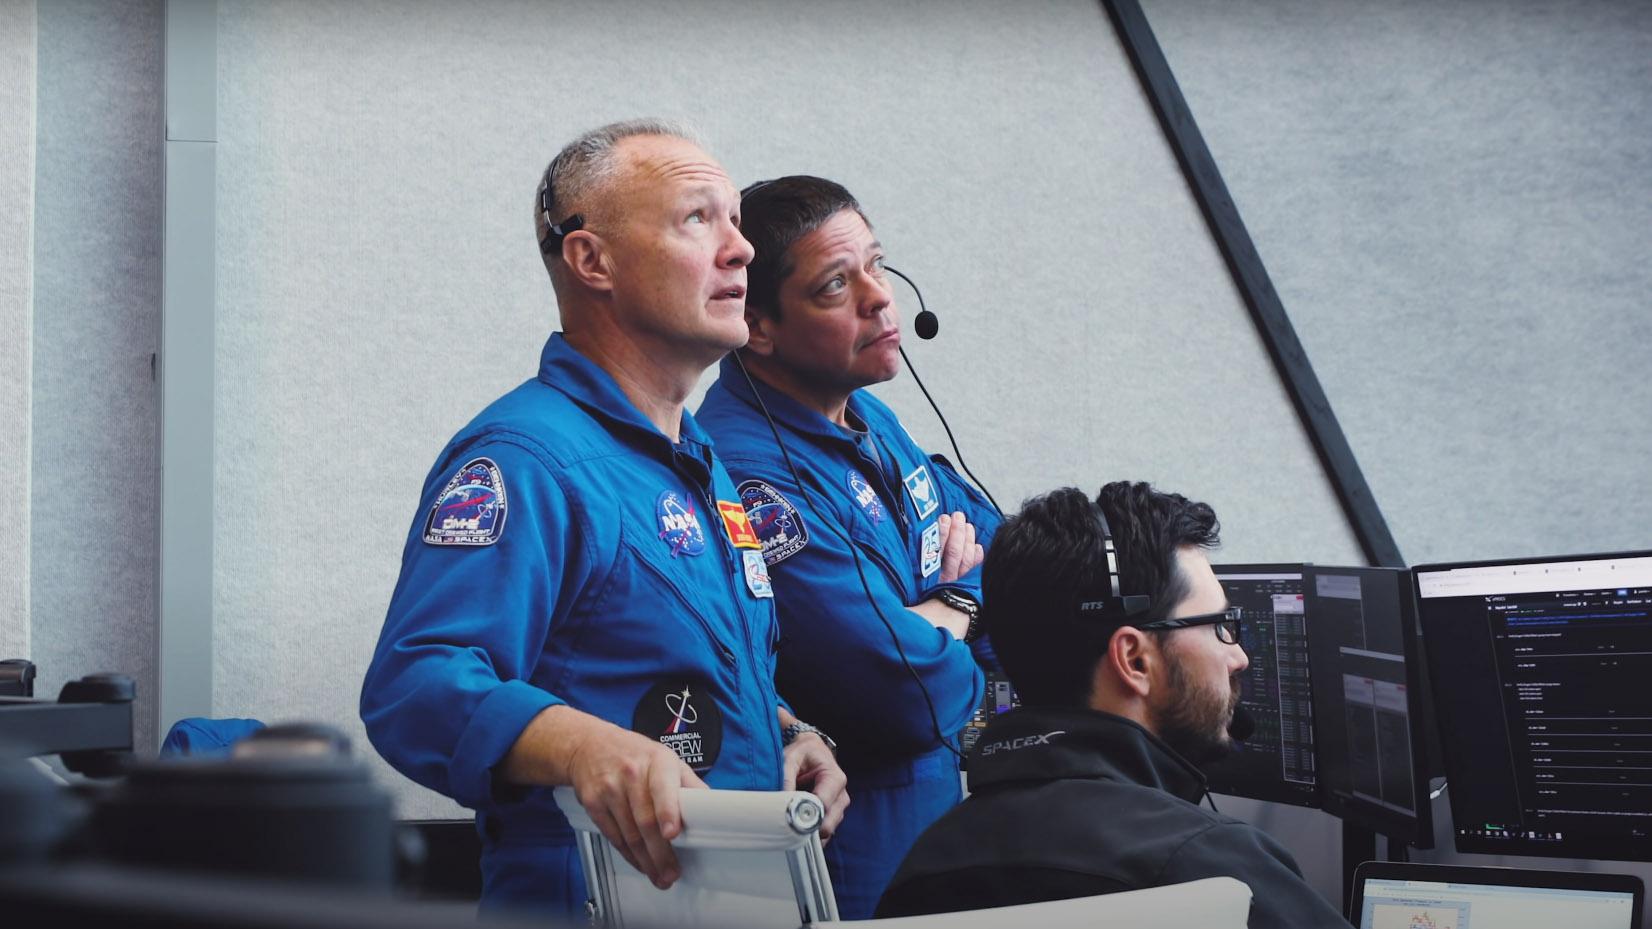 SpaceX Crew Dragon Astronauts Bob Behnken Doug Hurley